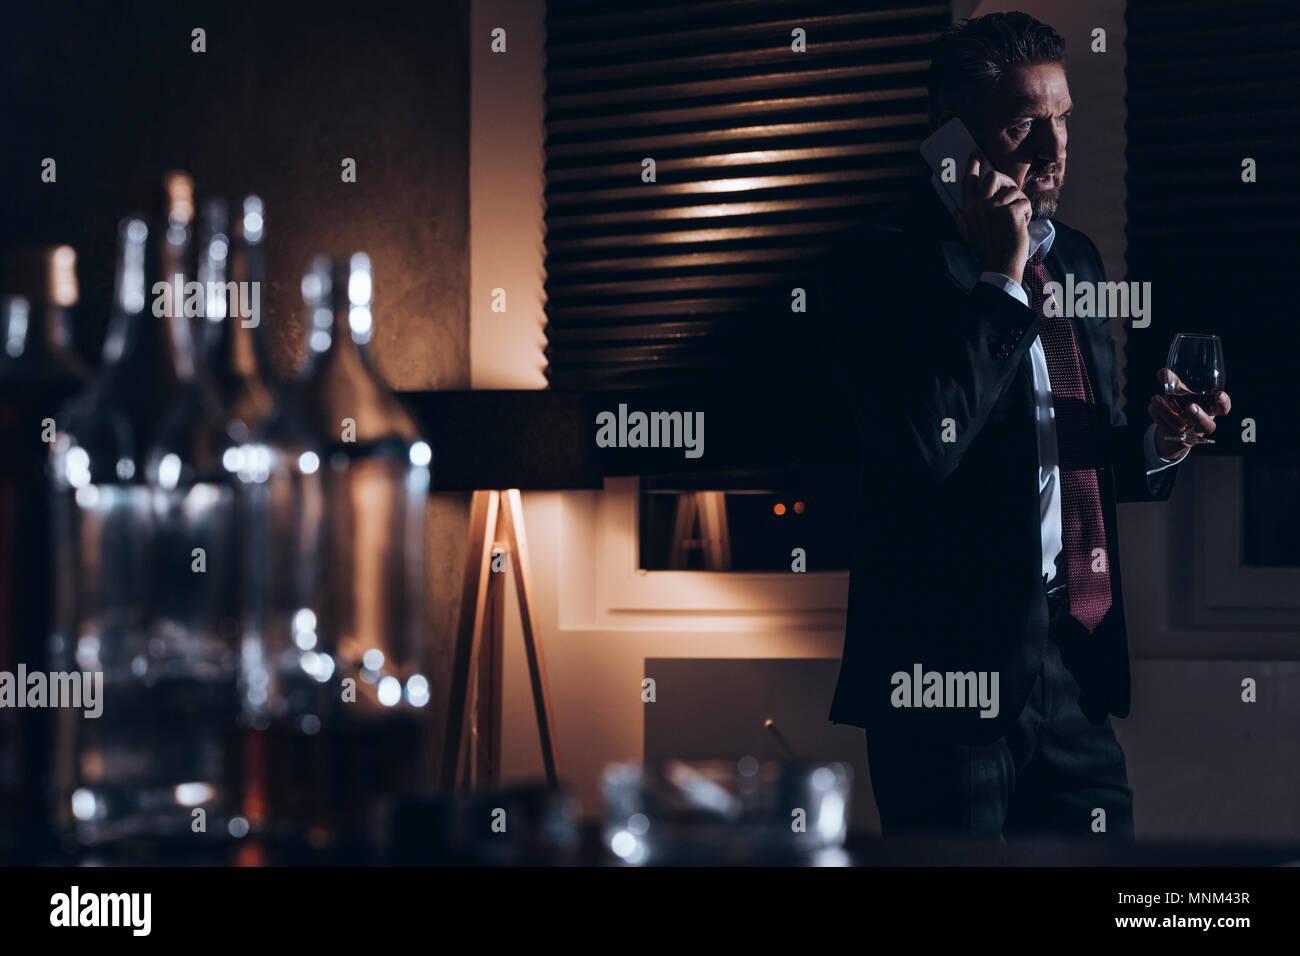 Betonte Mann mittleren Alters in einem Anzug, am Telefon zu sprechen und halten ein Glas Alkohol beim Stehen in einem dunklen Raum mit leeren Schnapsflaschen auf einem Blu Stockbild